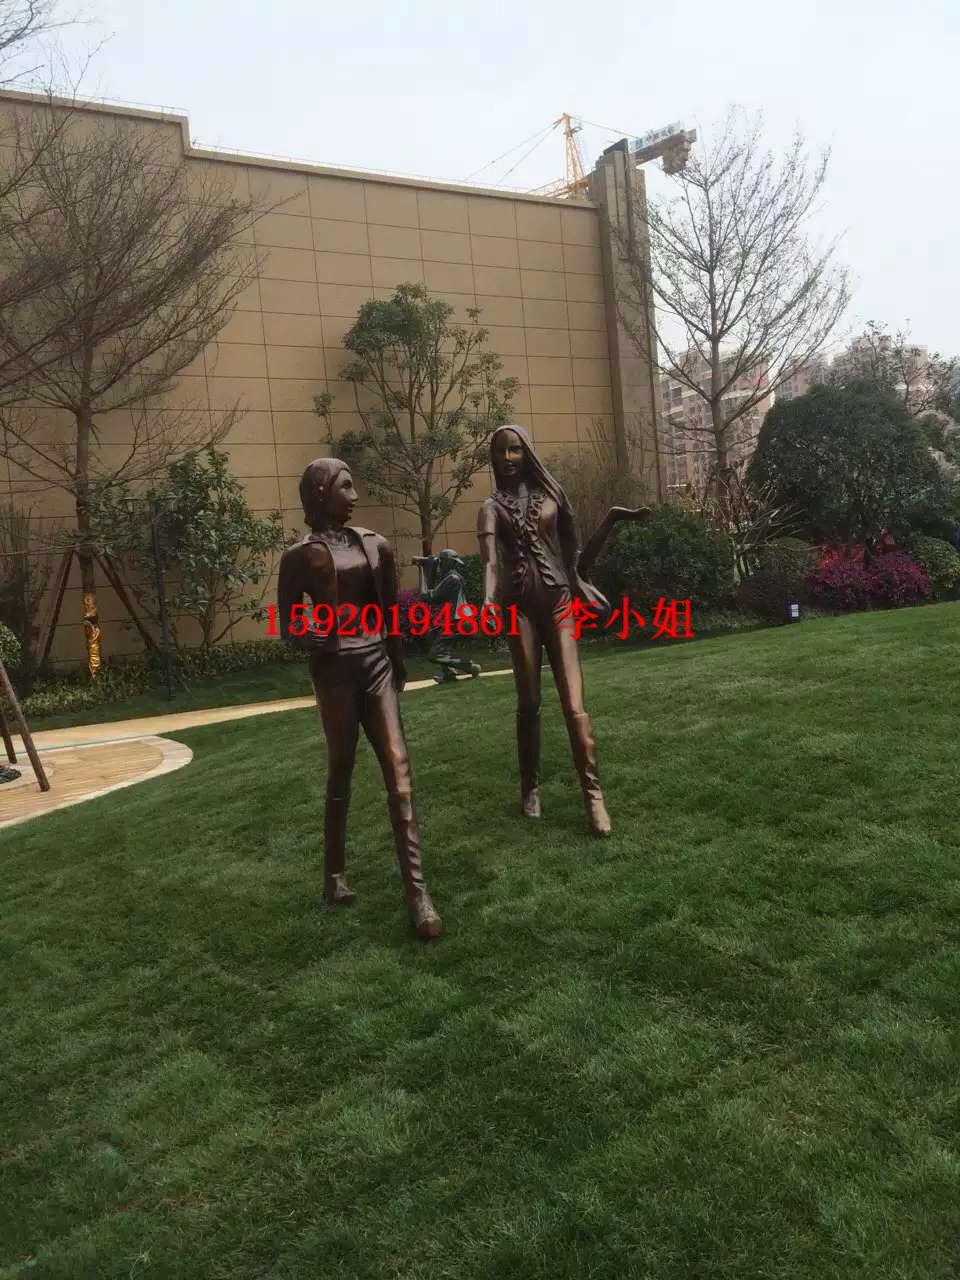 房地产布置景观雕塑 城市雕塑 创意小品雕塑 仿铜雕塑